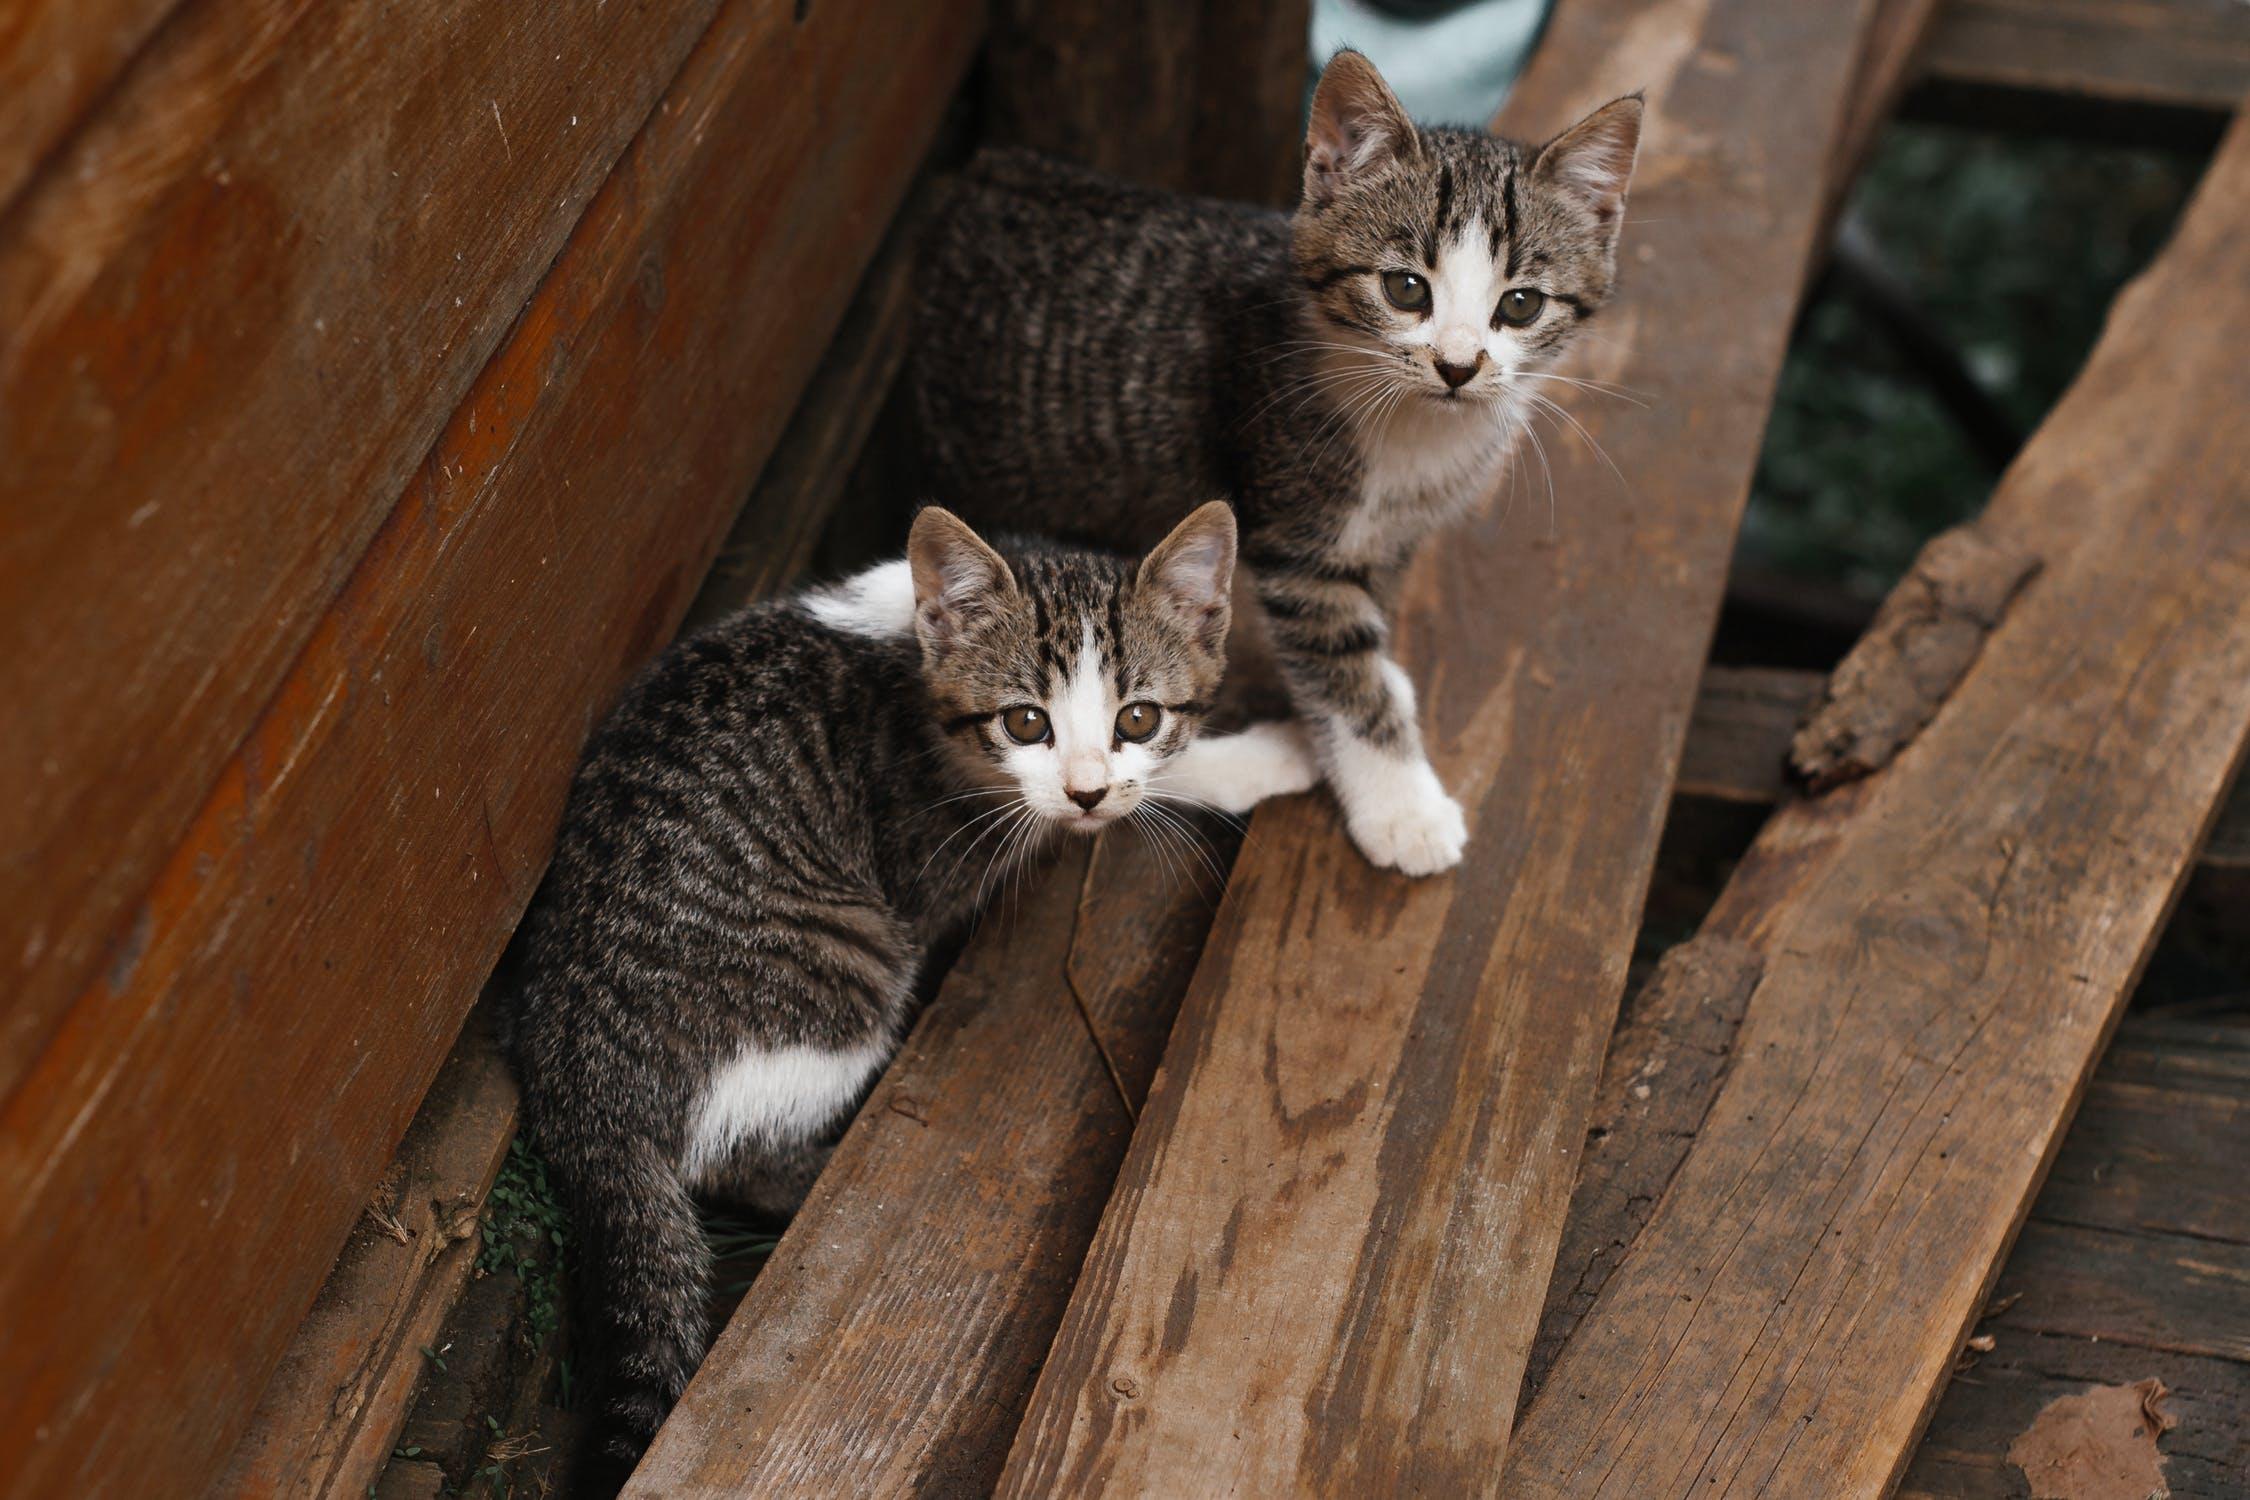 kitten-dat-precies-past